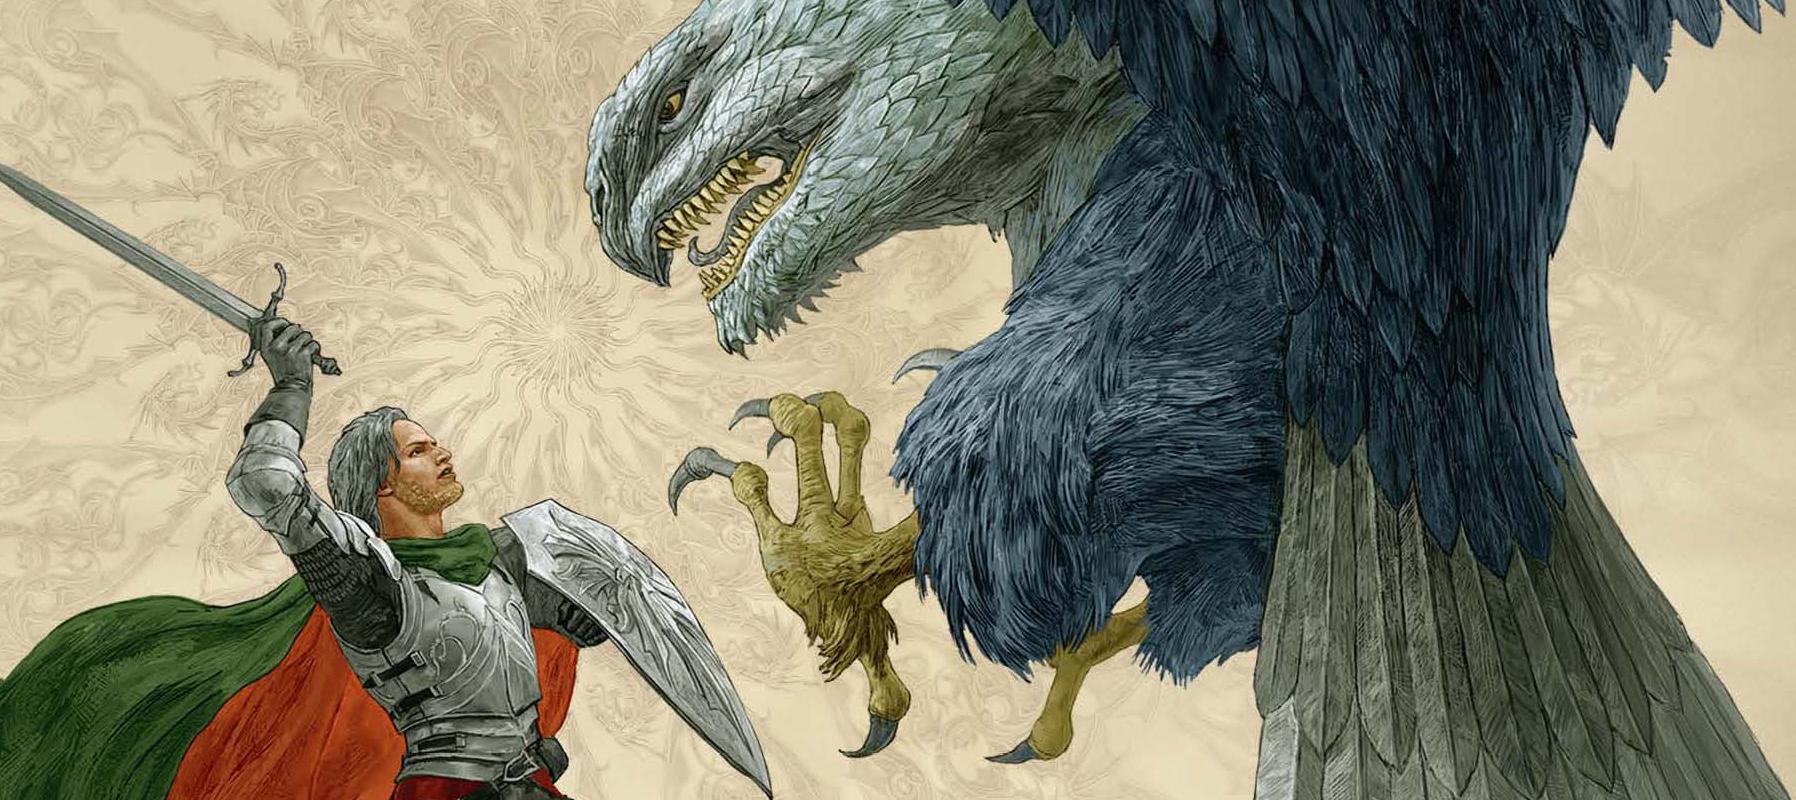 Что почитать: второй том эпического фэнтези в цикле «Сын предателя» и нестандартная супергероика Сандерсона